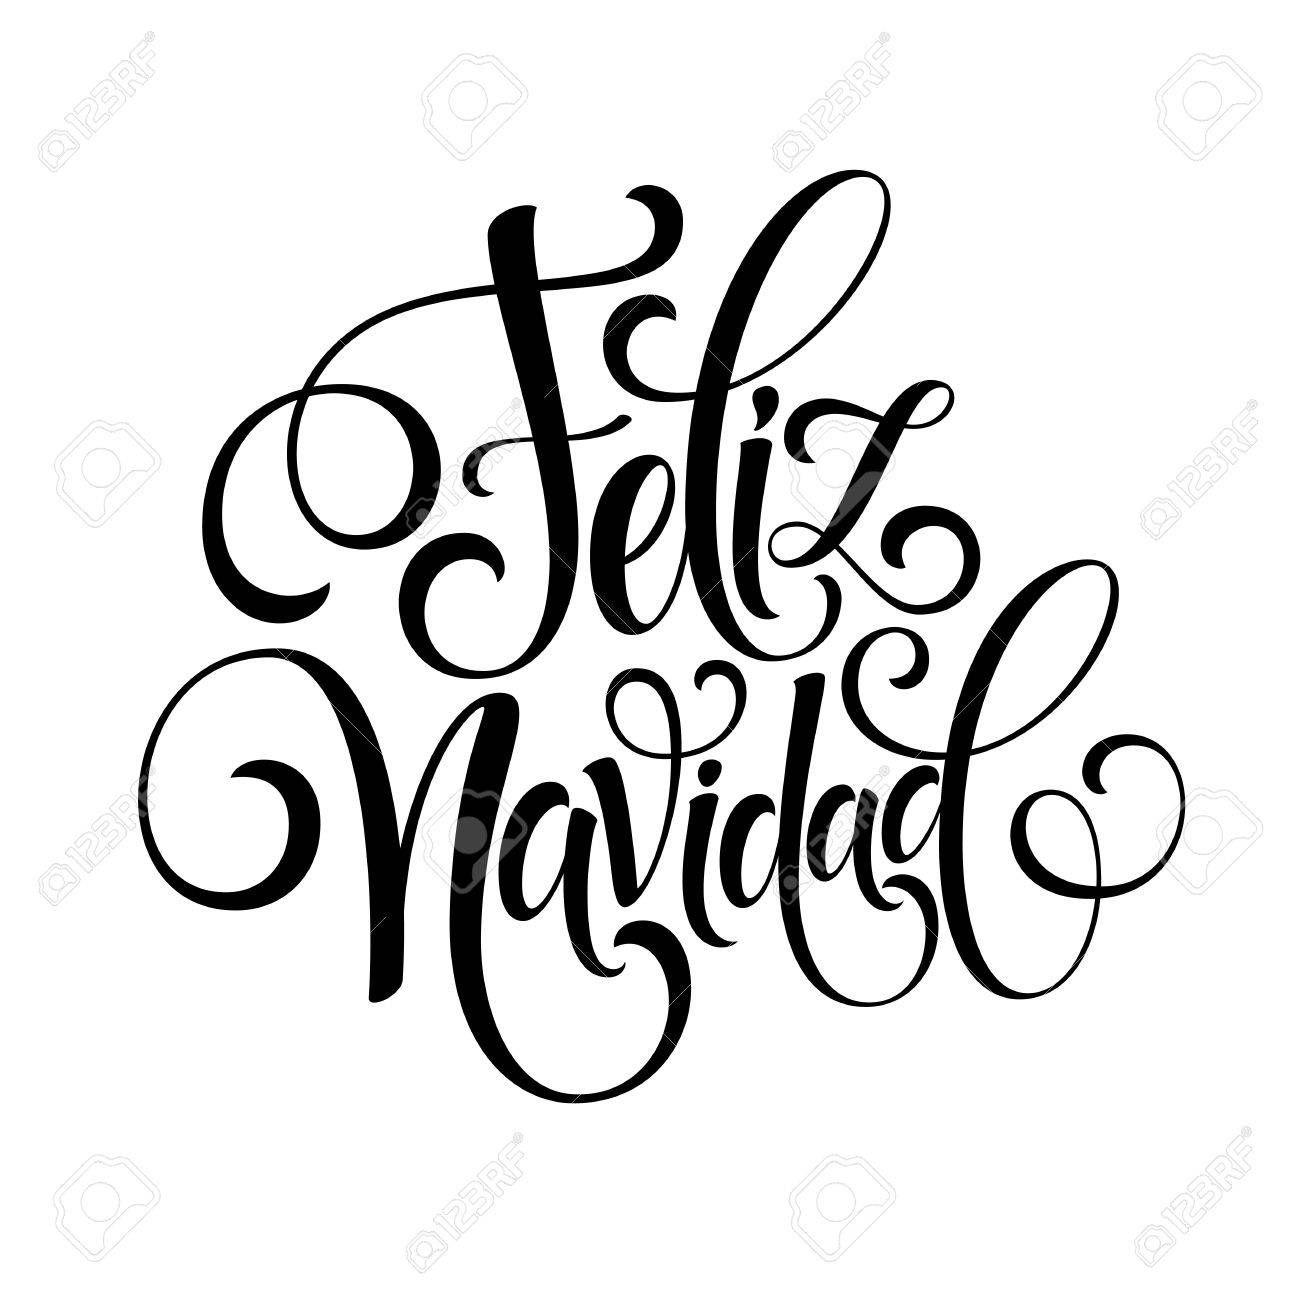 Feliz Navidad de texto decoración de la mano de letras para la plantilla de diseño de la tarjeta de felicitación. etiqueta Feliz Navidad en la tipografía española. inscripción caligráfica para vacaciones de invierno ilustración vectorial EPS10